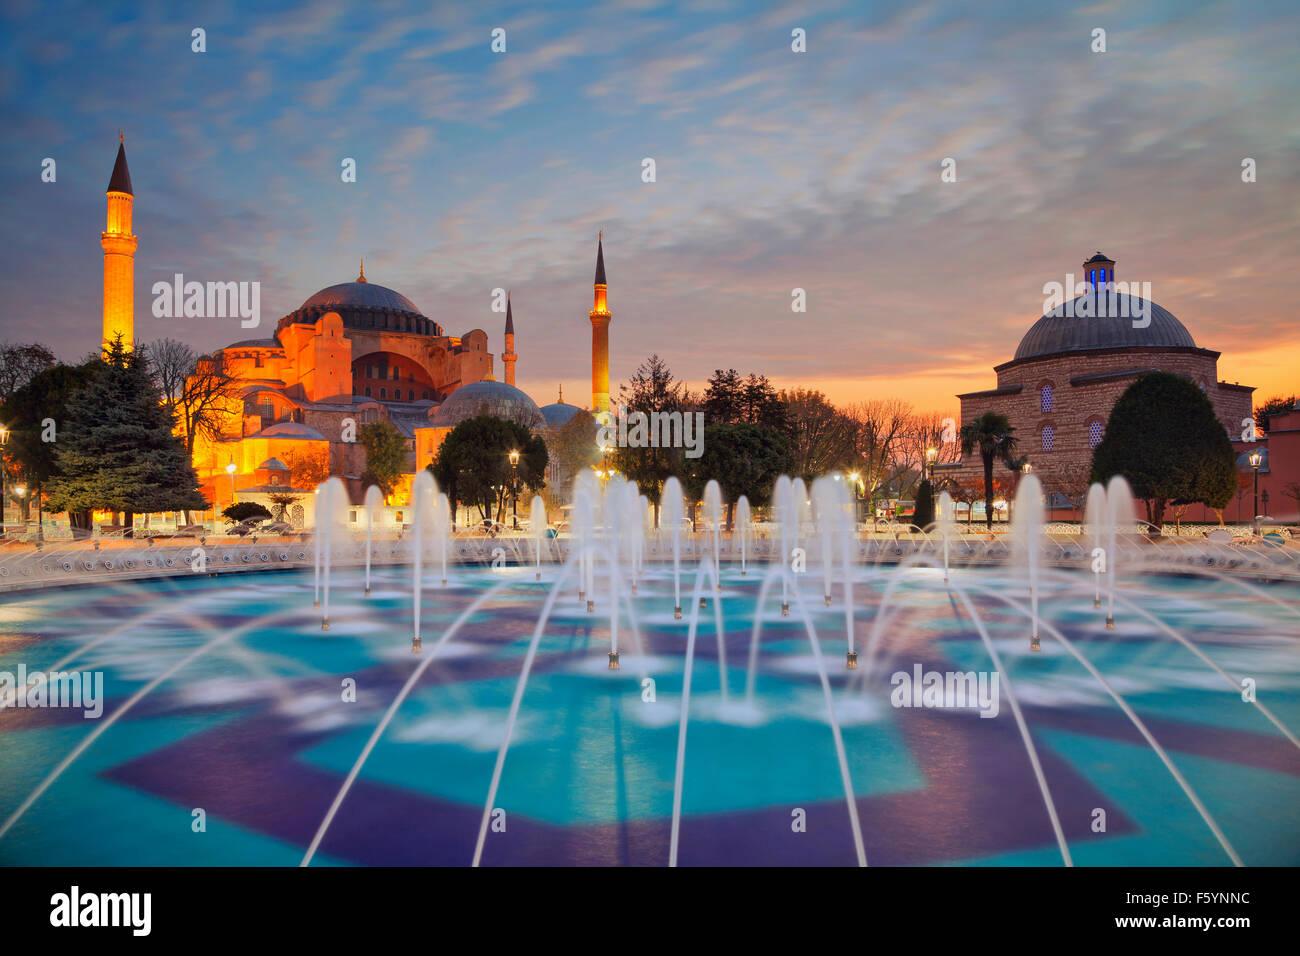 Estambul. Imagen de Santa Sofía en Estambul, Turquía. Imagen De Stock